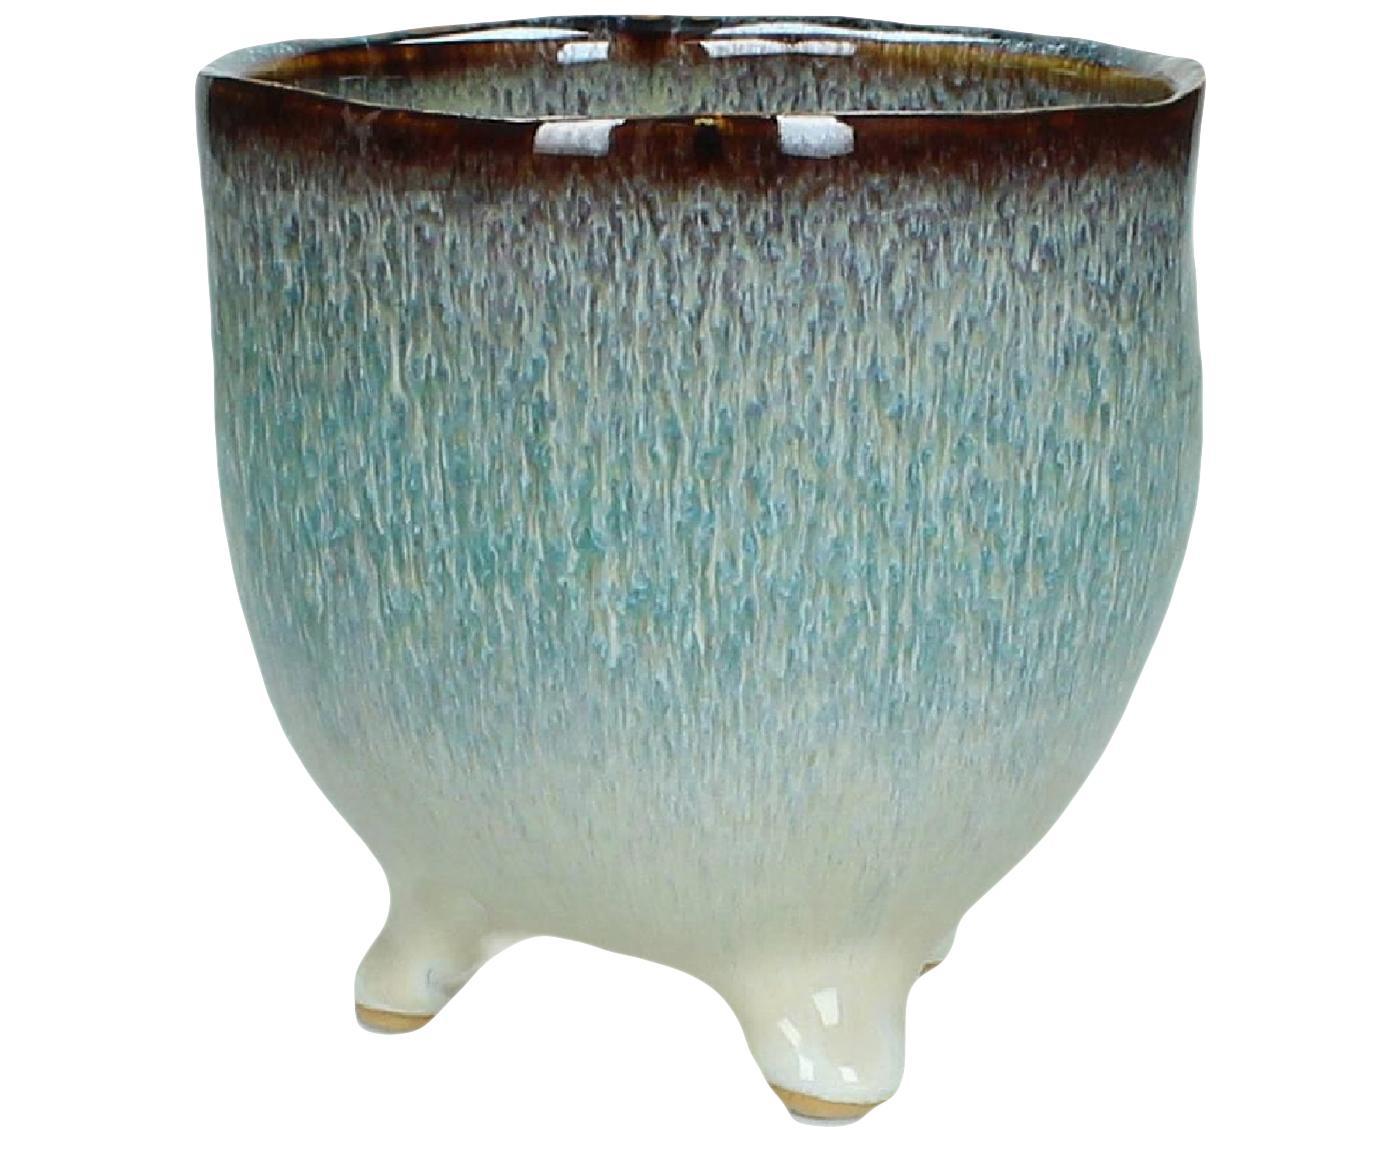 Osłonka na doniczkę Blue Lagoon, Kamionka, Turkusowy, beżowy, brązowy, Ø 12 x W 12 cm